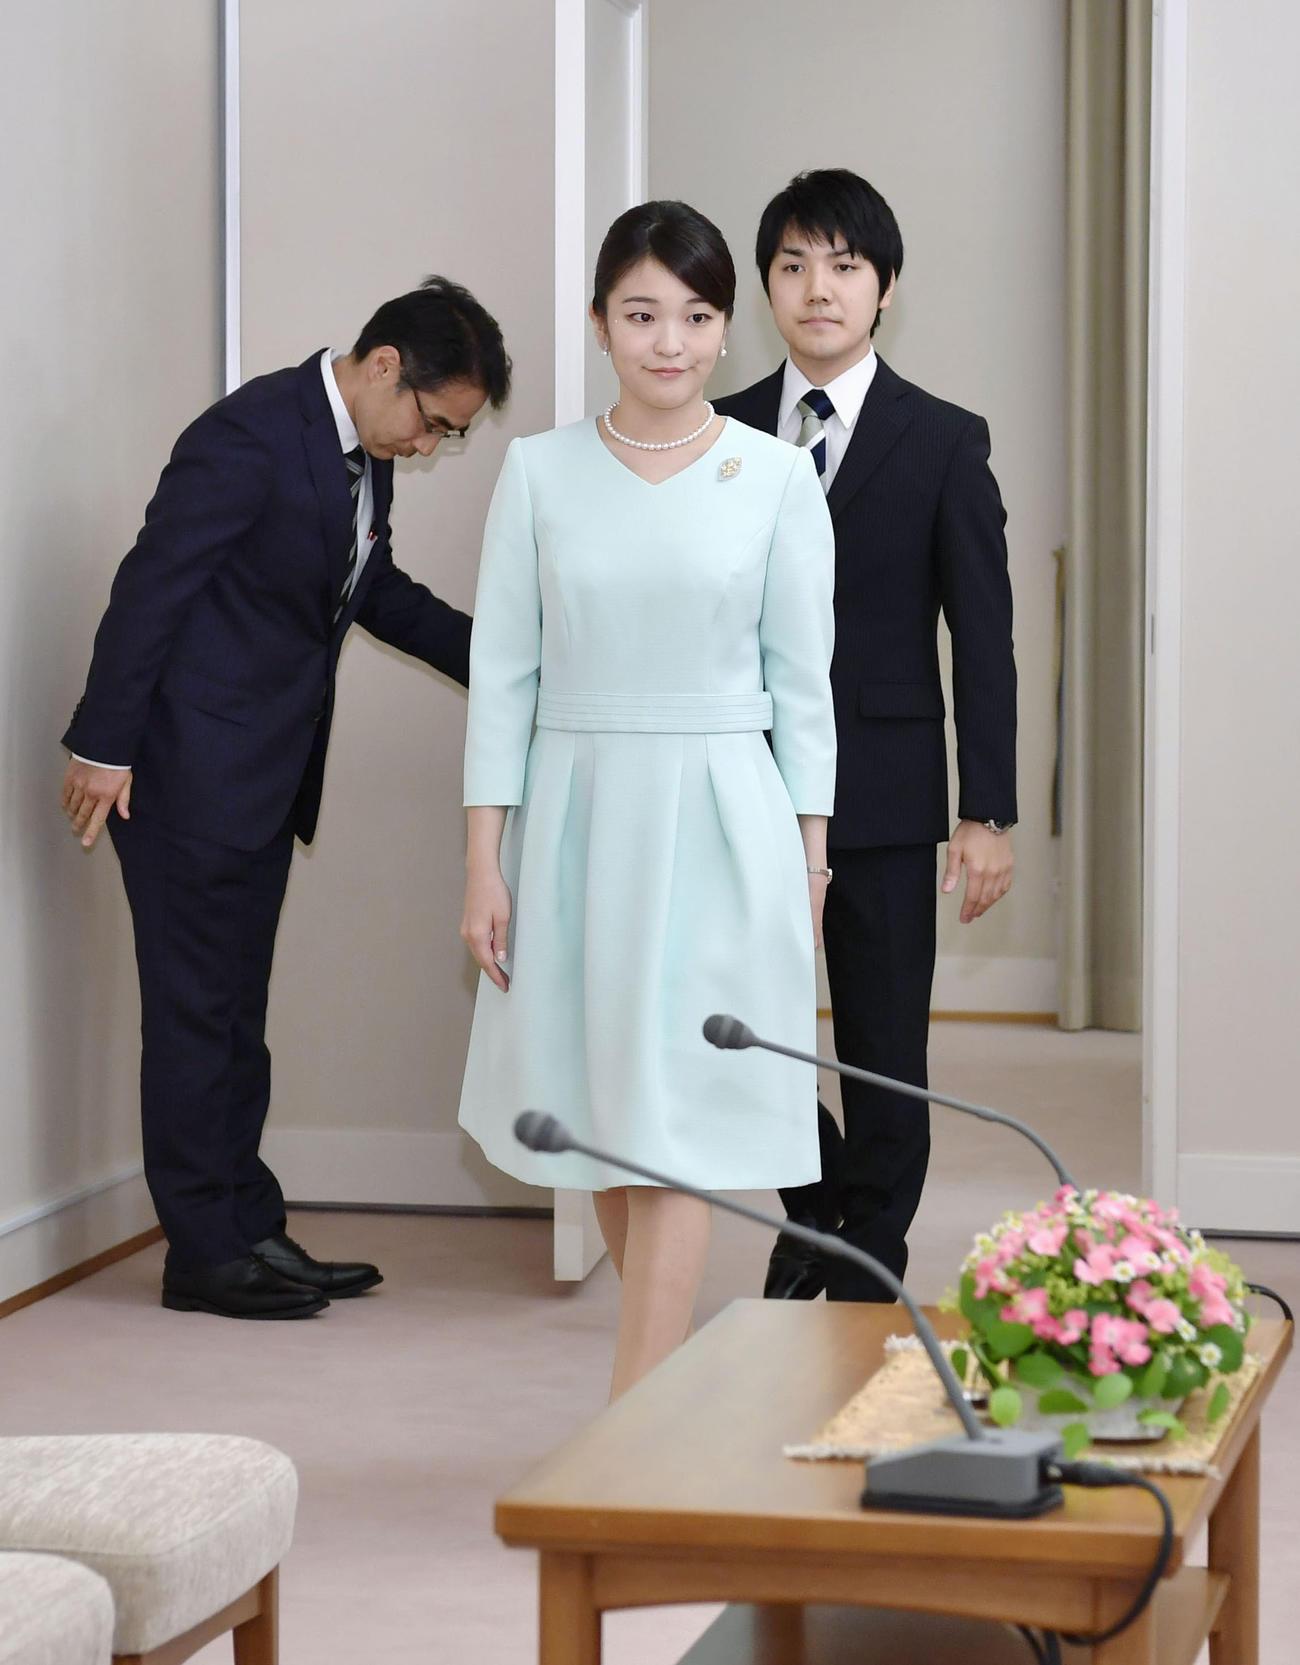 結婚 眞子 宣言 様